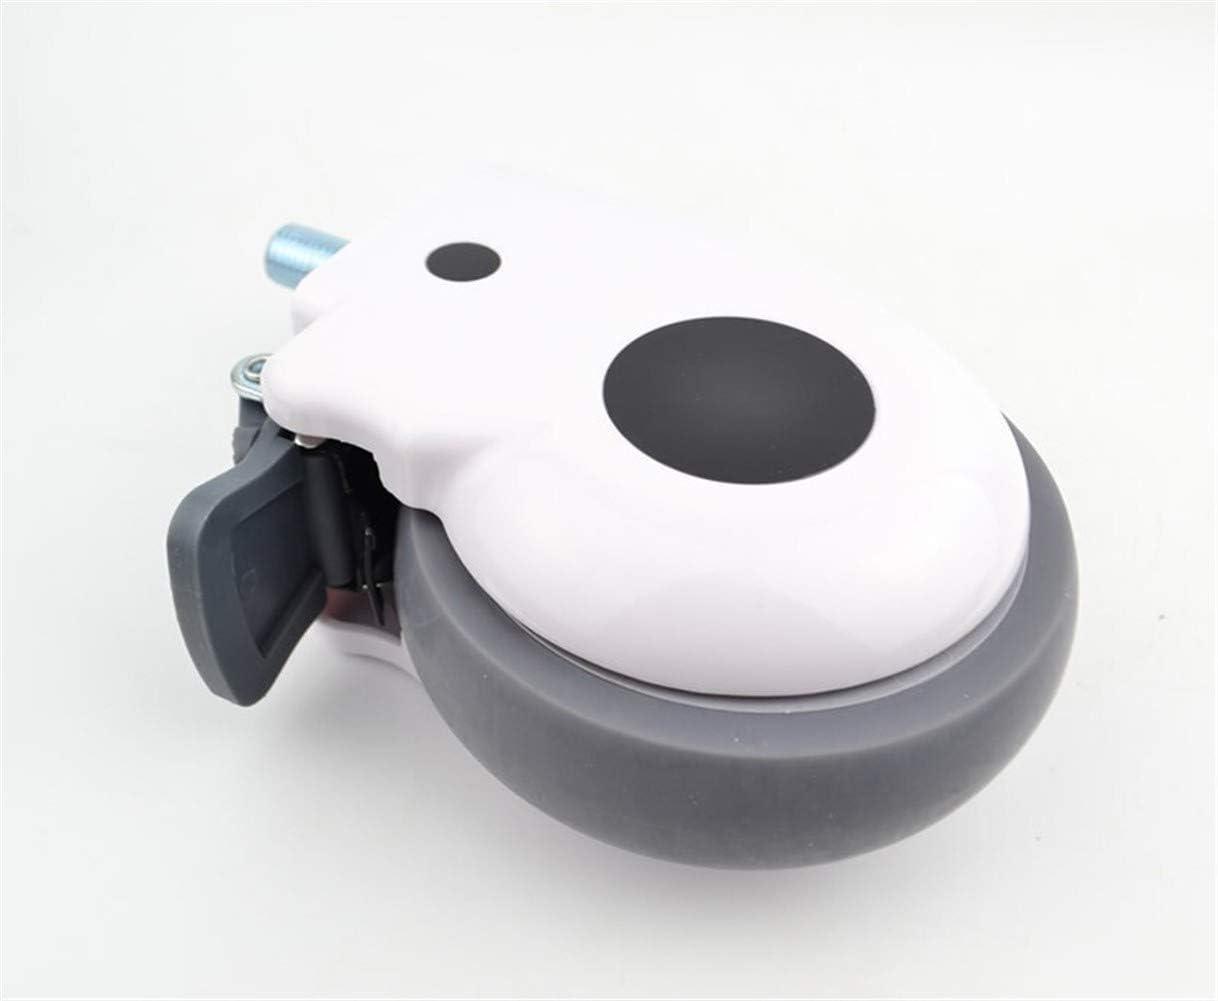 Rueda universal 5 pulgadas de lujo cubierta protectora con el equipo médico de enfermería ruedas for tornillos Camas M16X30mm Silencio material de carga de 110 kg (Color : No brake)